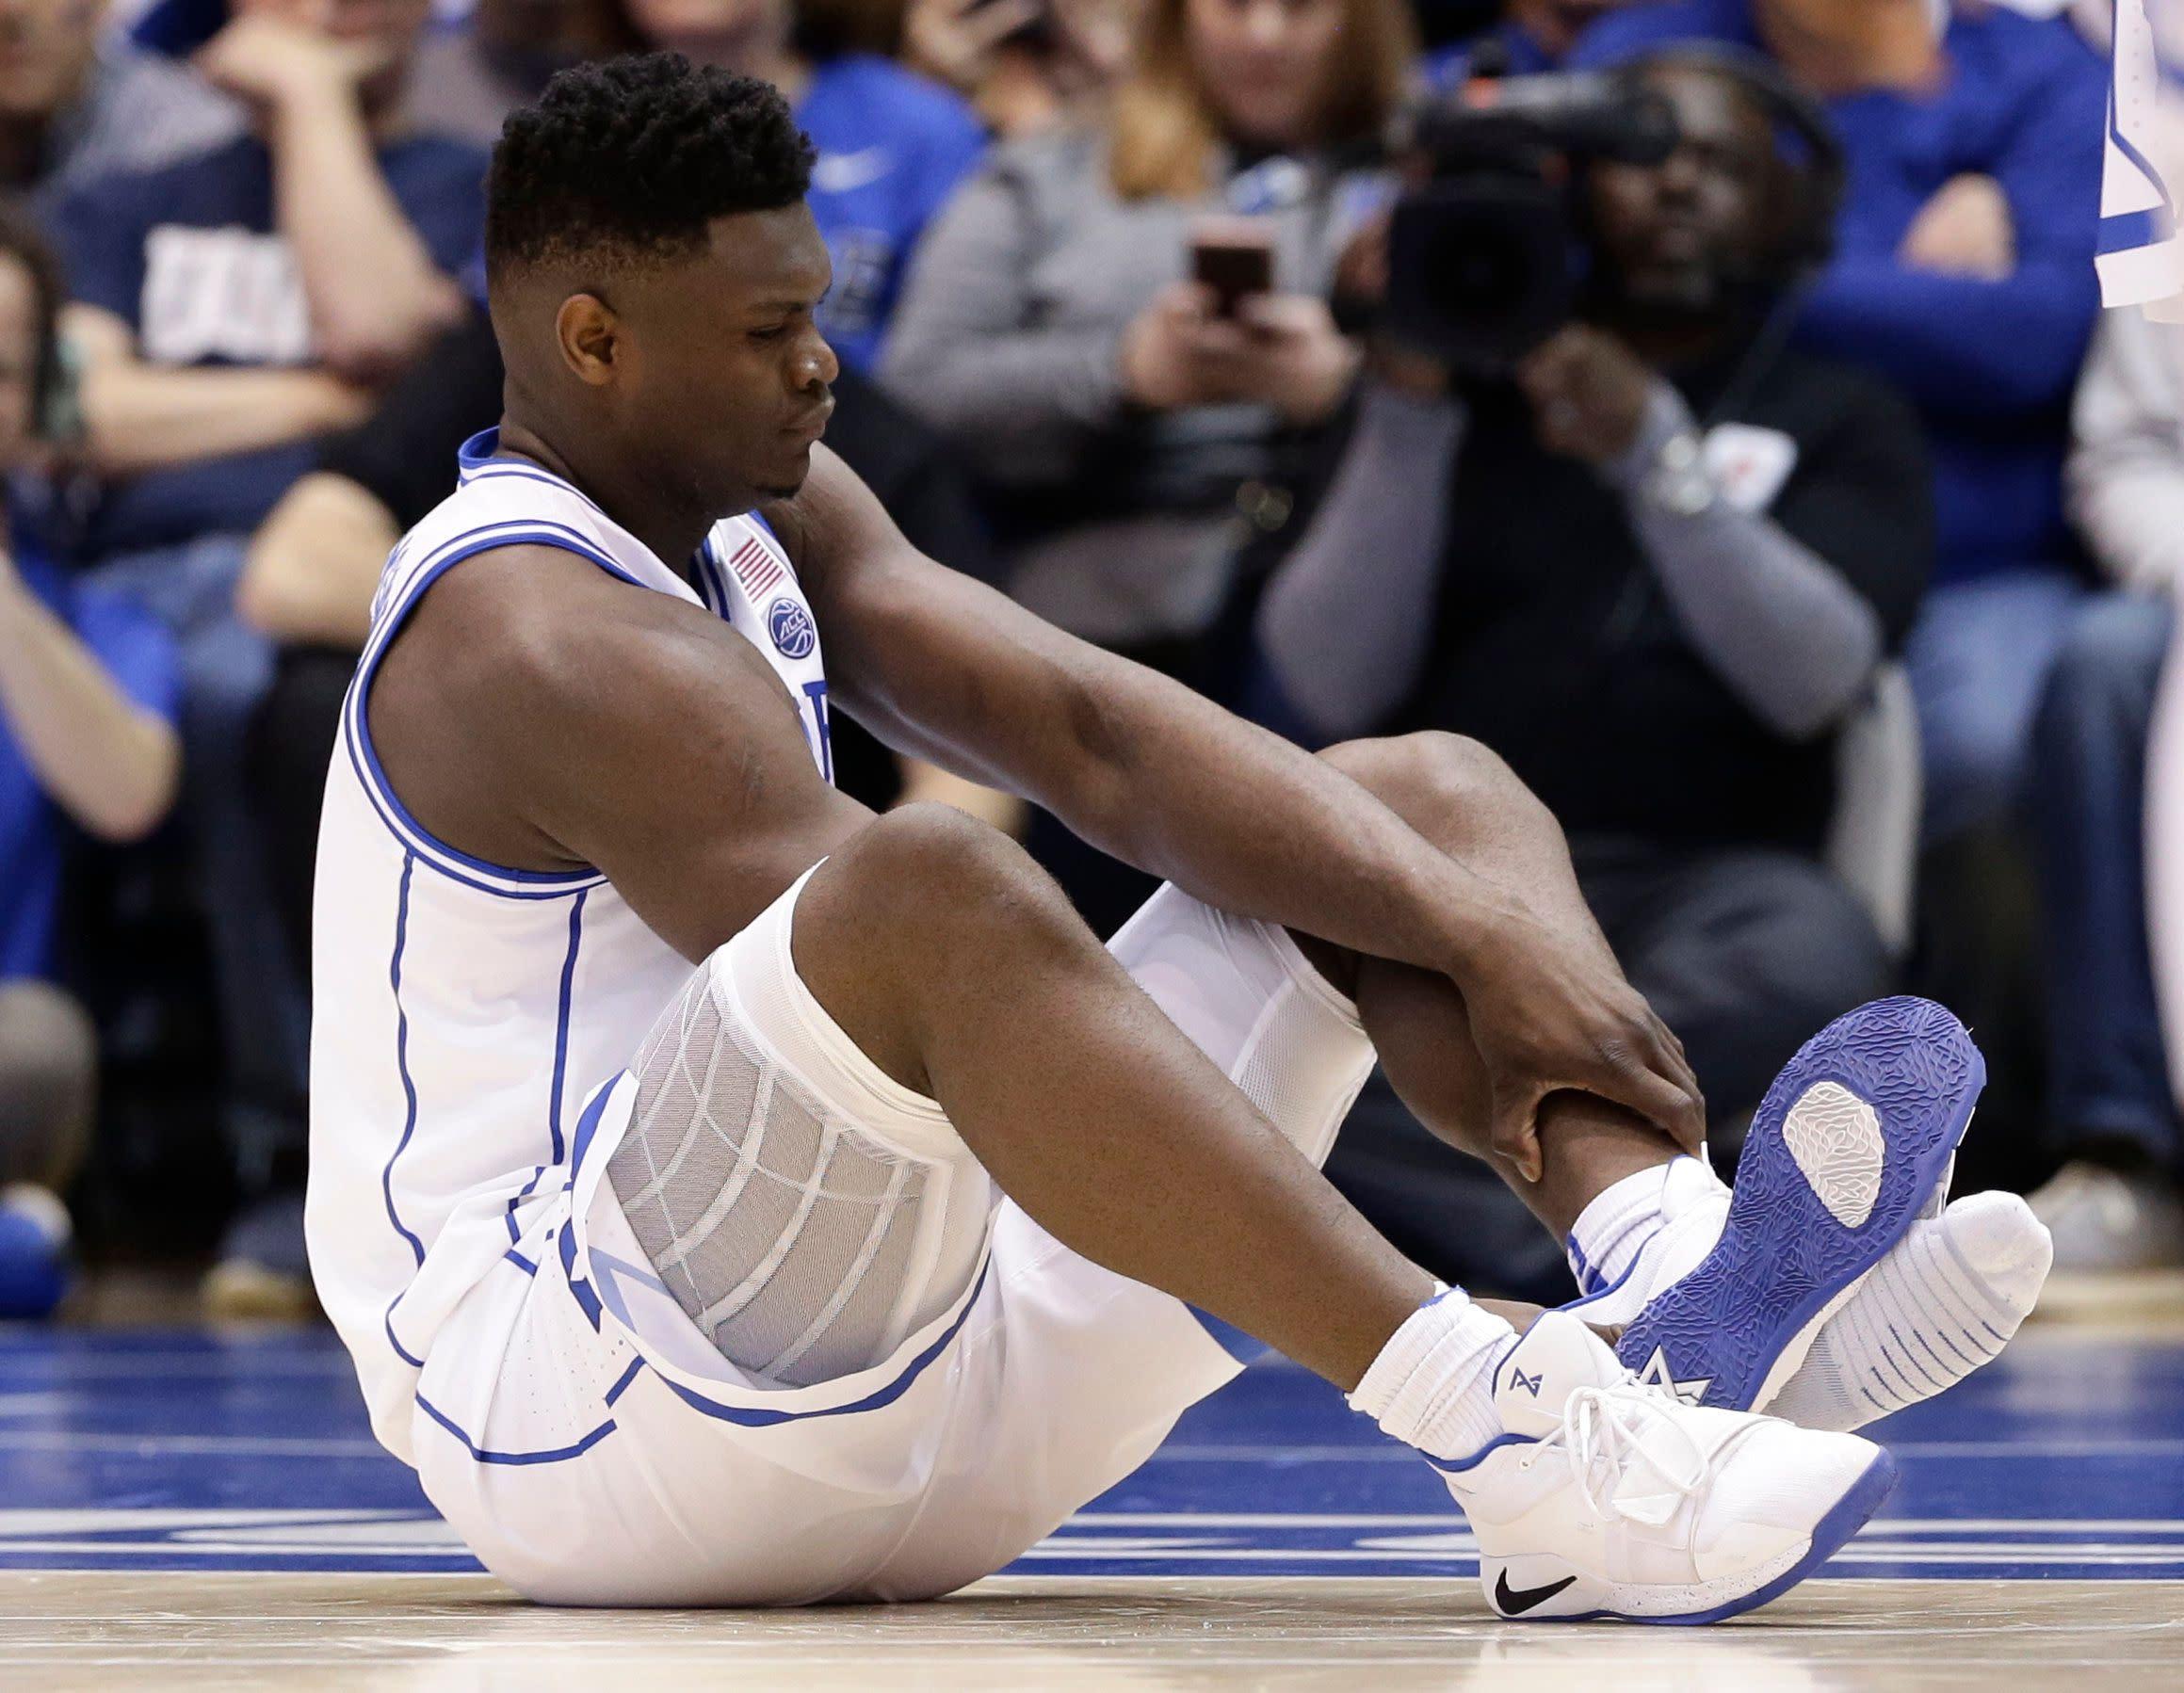 898c4b25fce Nike stock slips after Duke basketball star Zion Williamson s sneaker rips